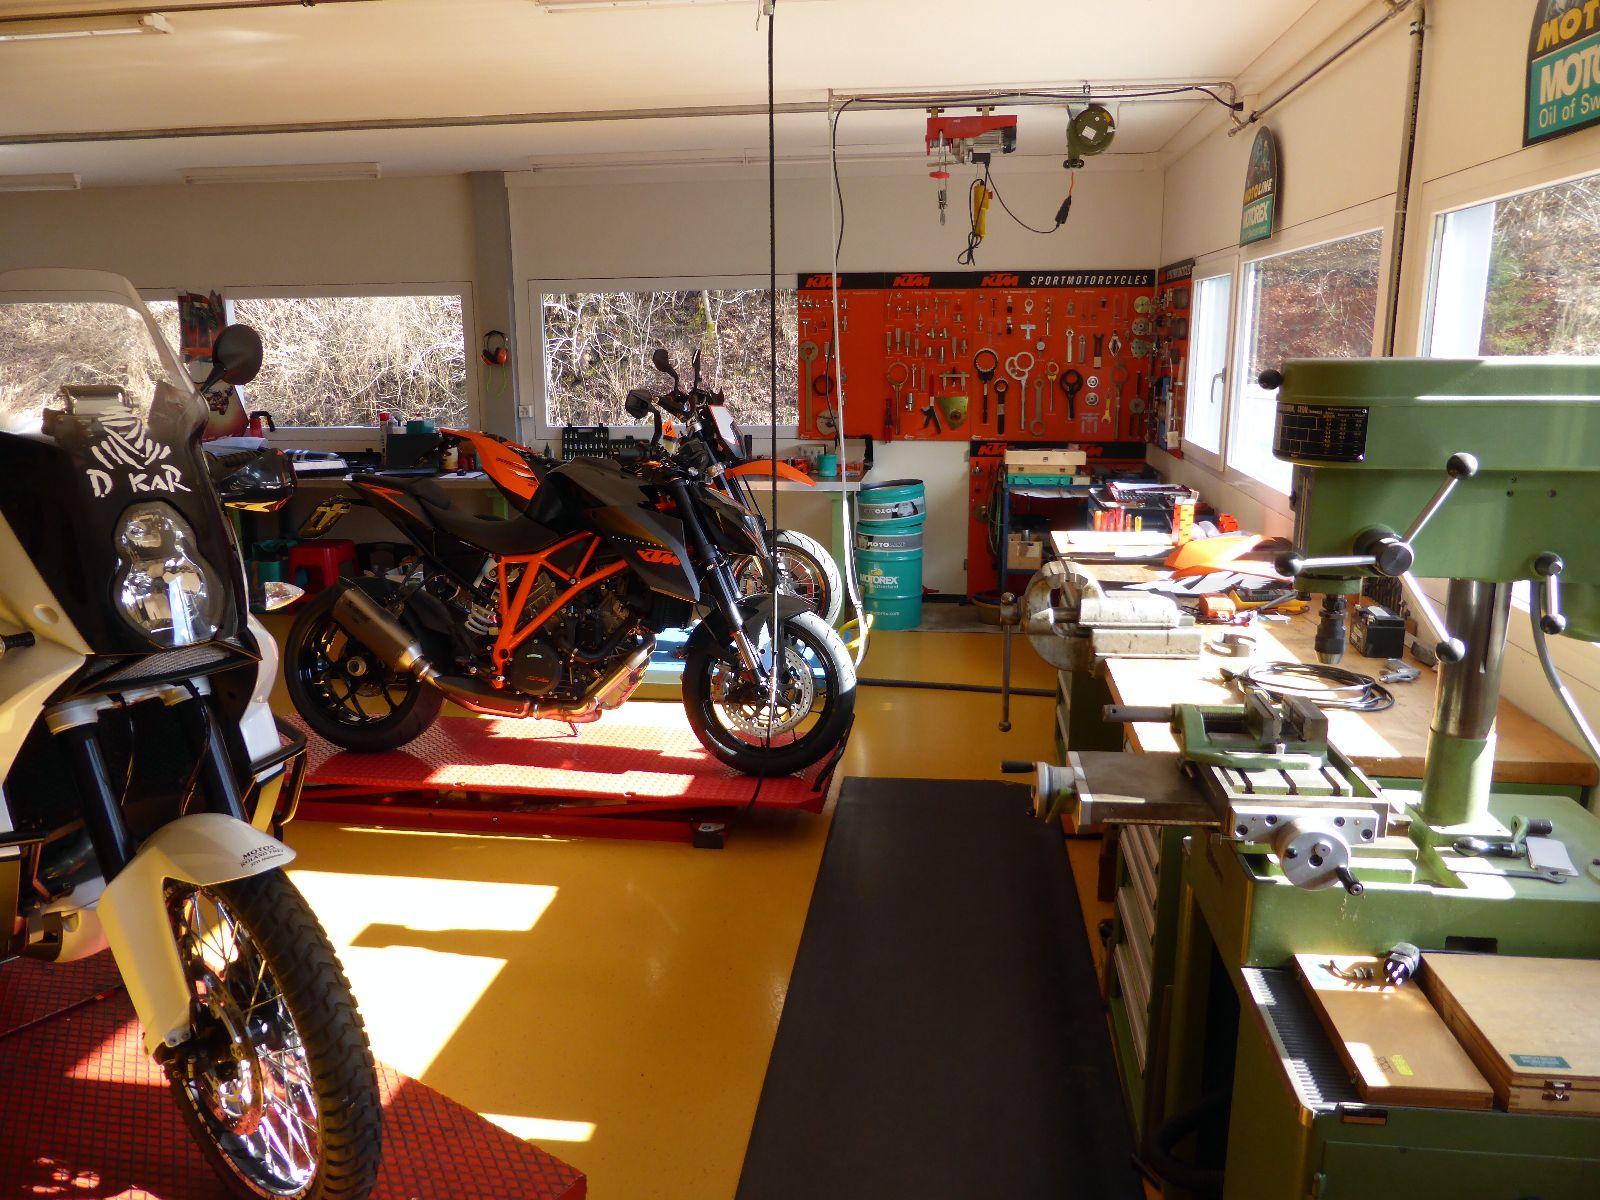 Motos Roland Frey - KTM Motorräder, Service, Umbauten